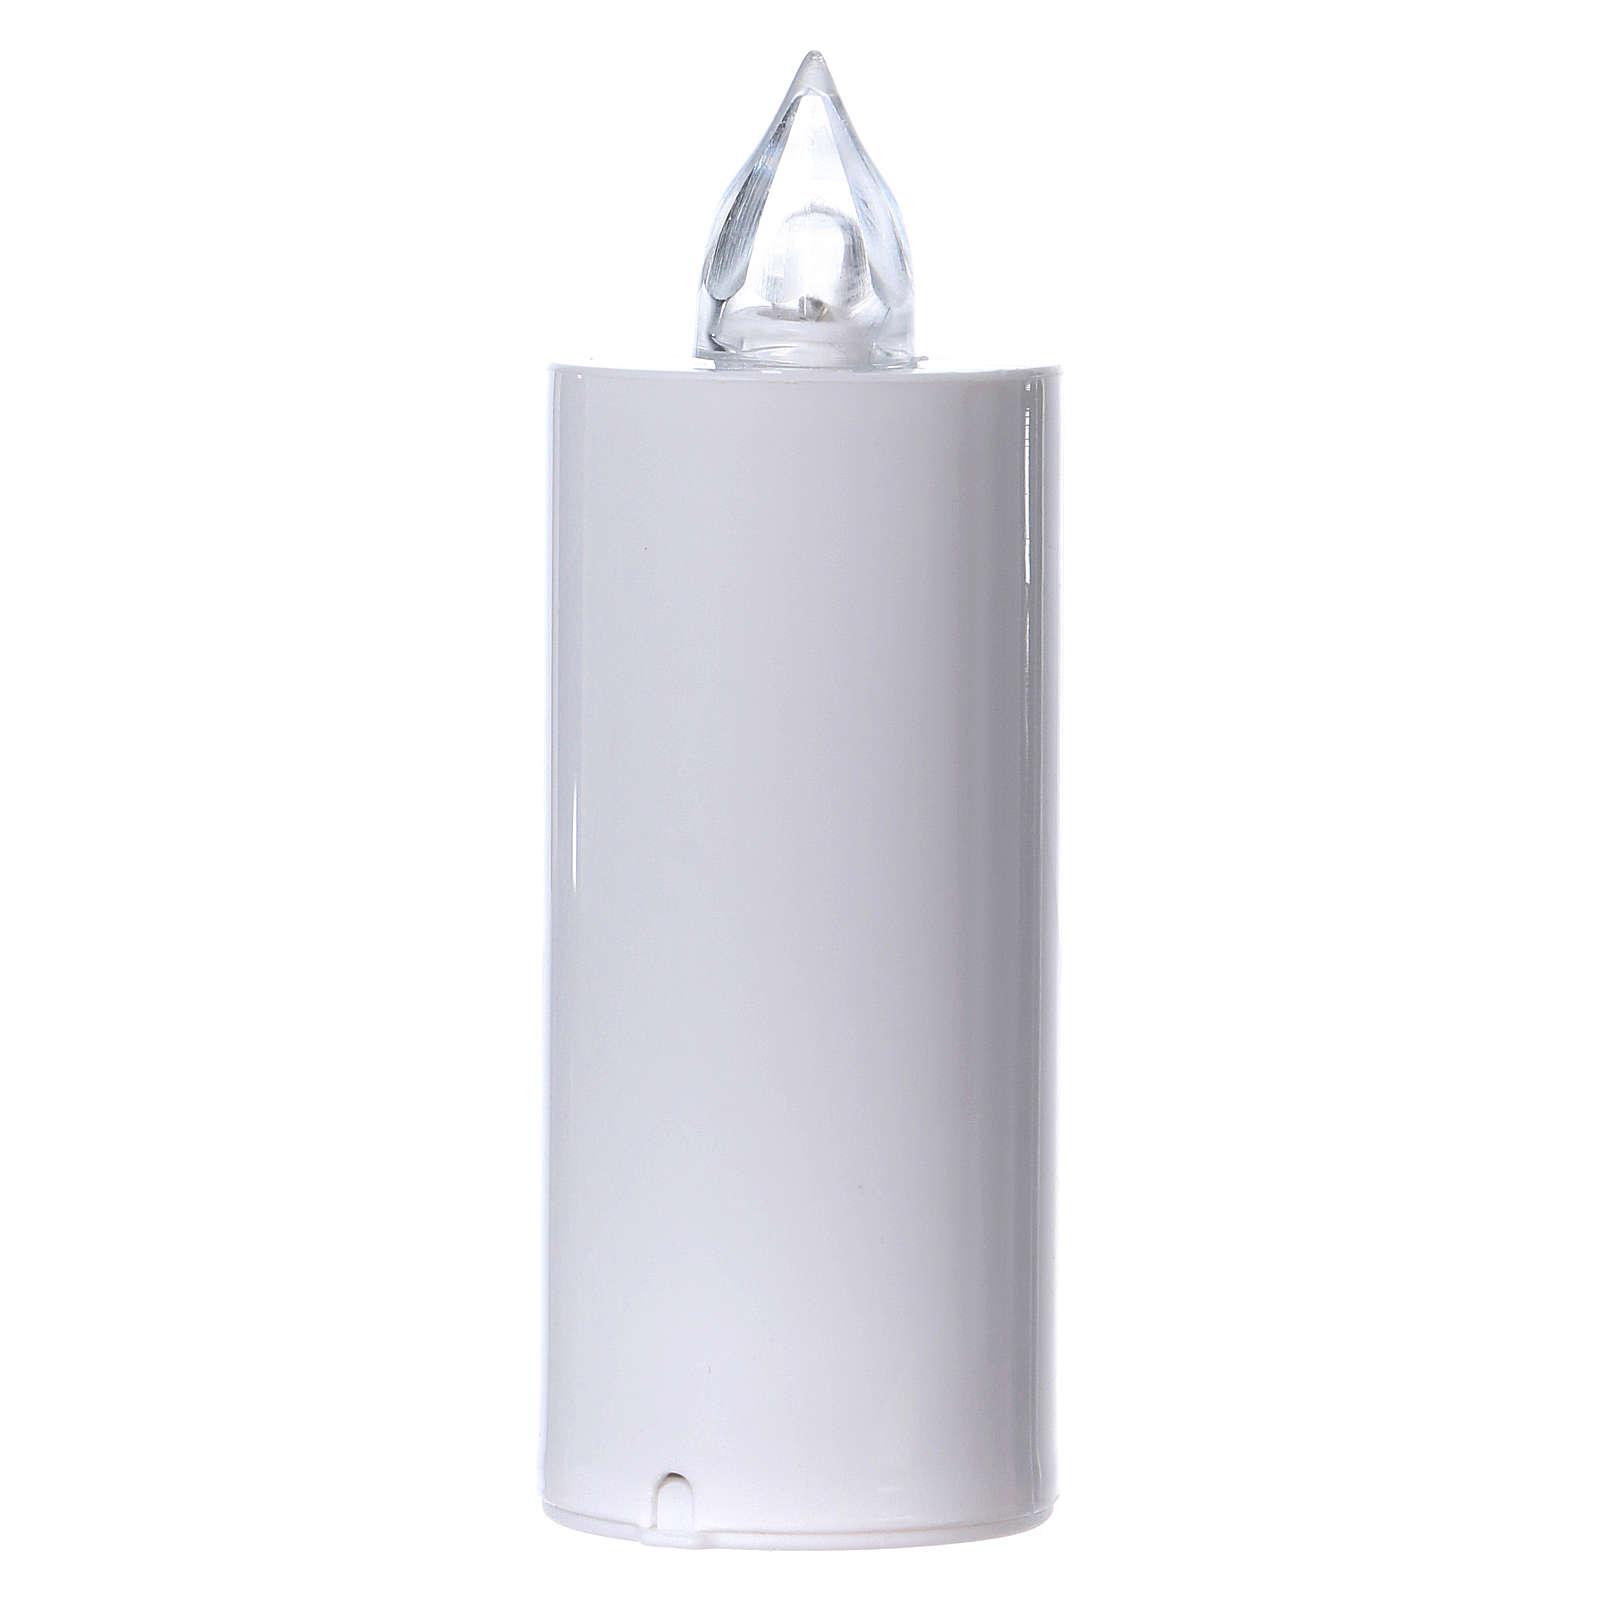 Świeczka wotywna znicz Lumada jednorazowa biała światło migające białe 3